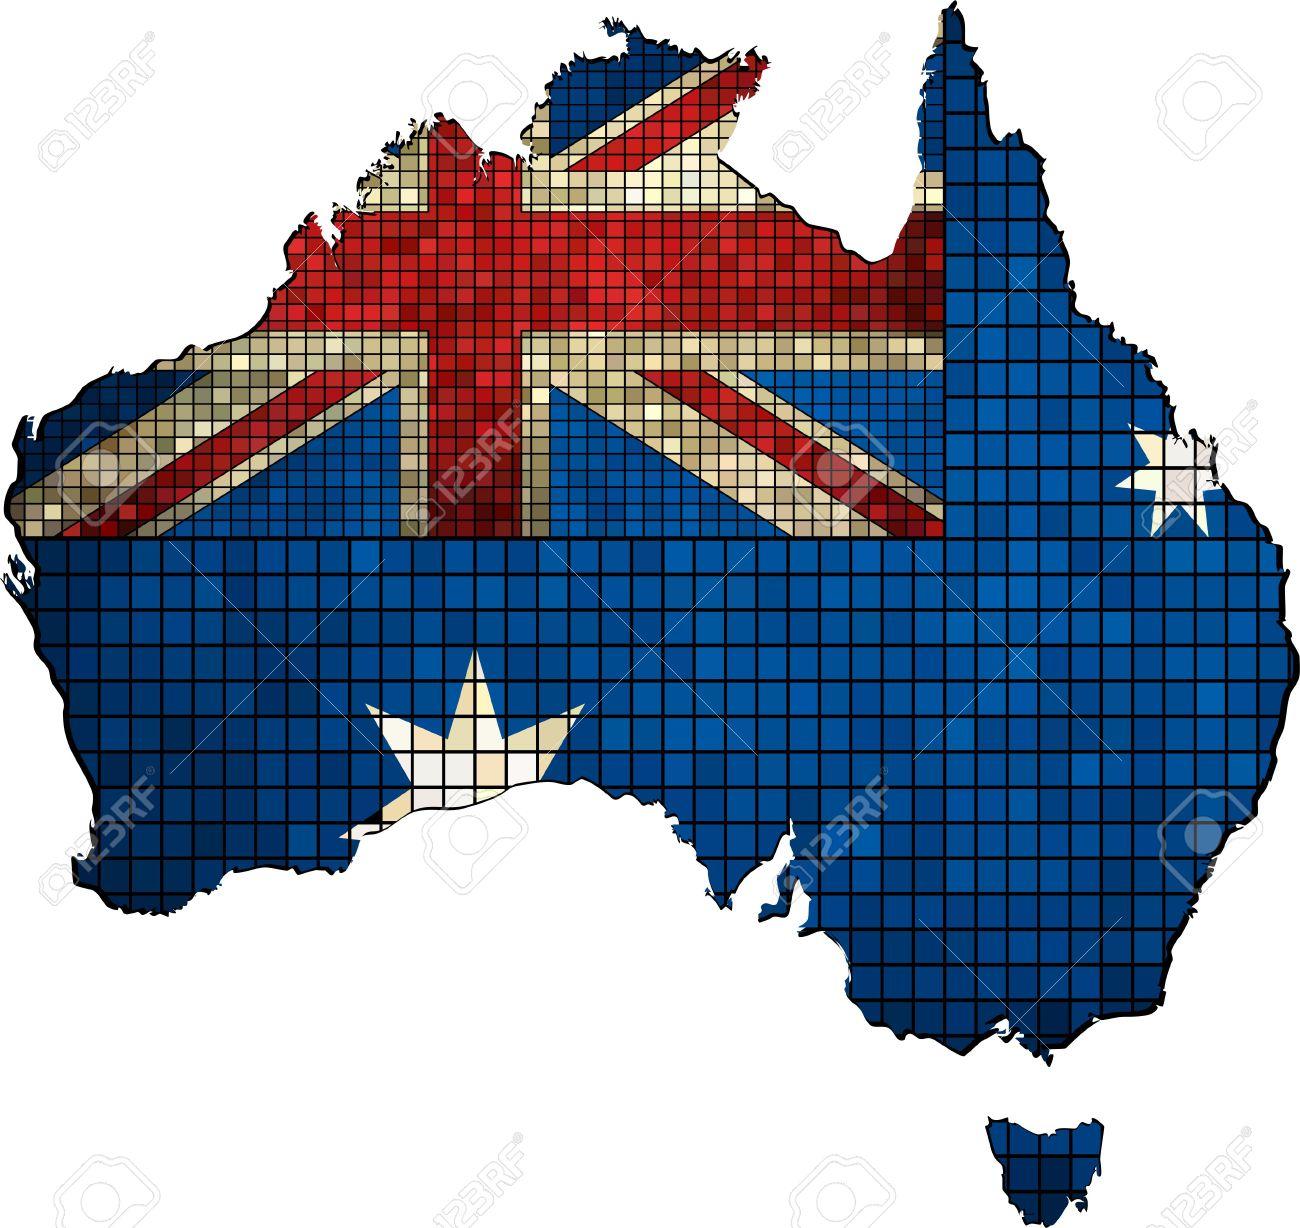 Carte Australie Drapeau.Carte De L Australie Avec Le Drapeau A L Interieur Australien Carte Grunge Mosaique Carte De L Australie Australie Carte Australie Carte De Drapeau